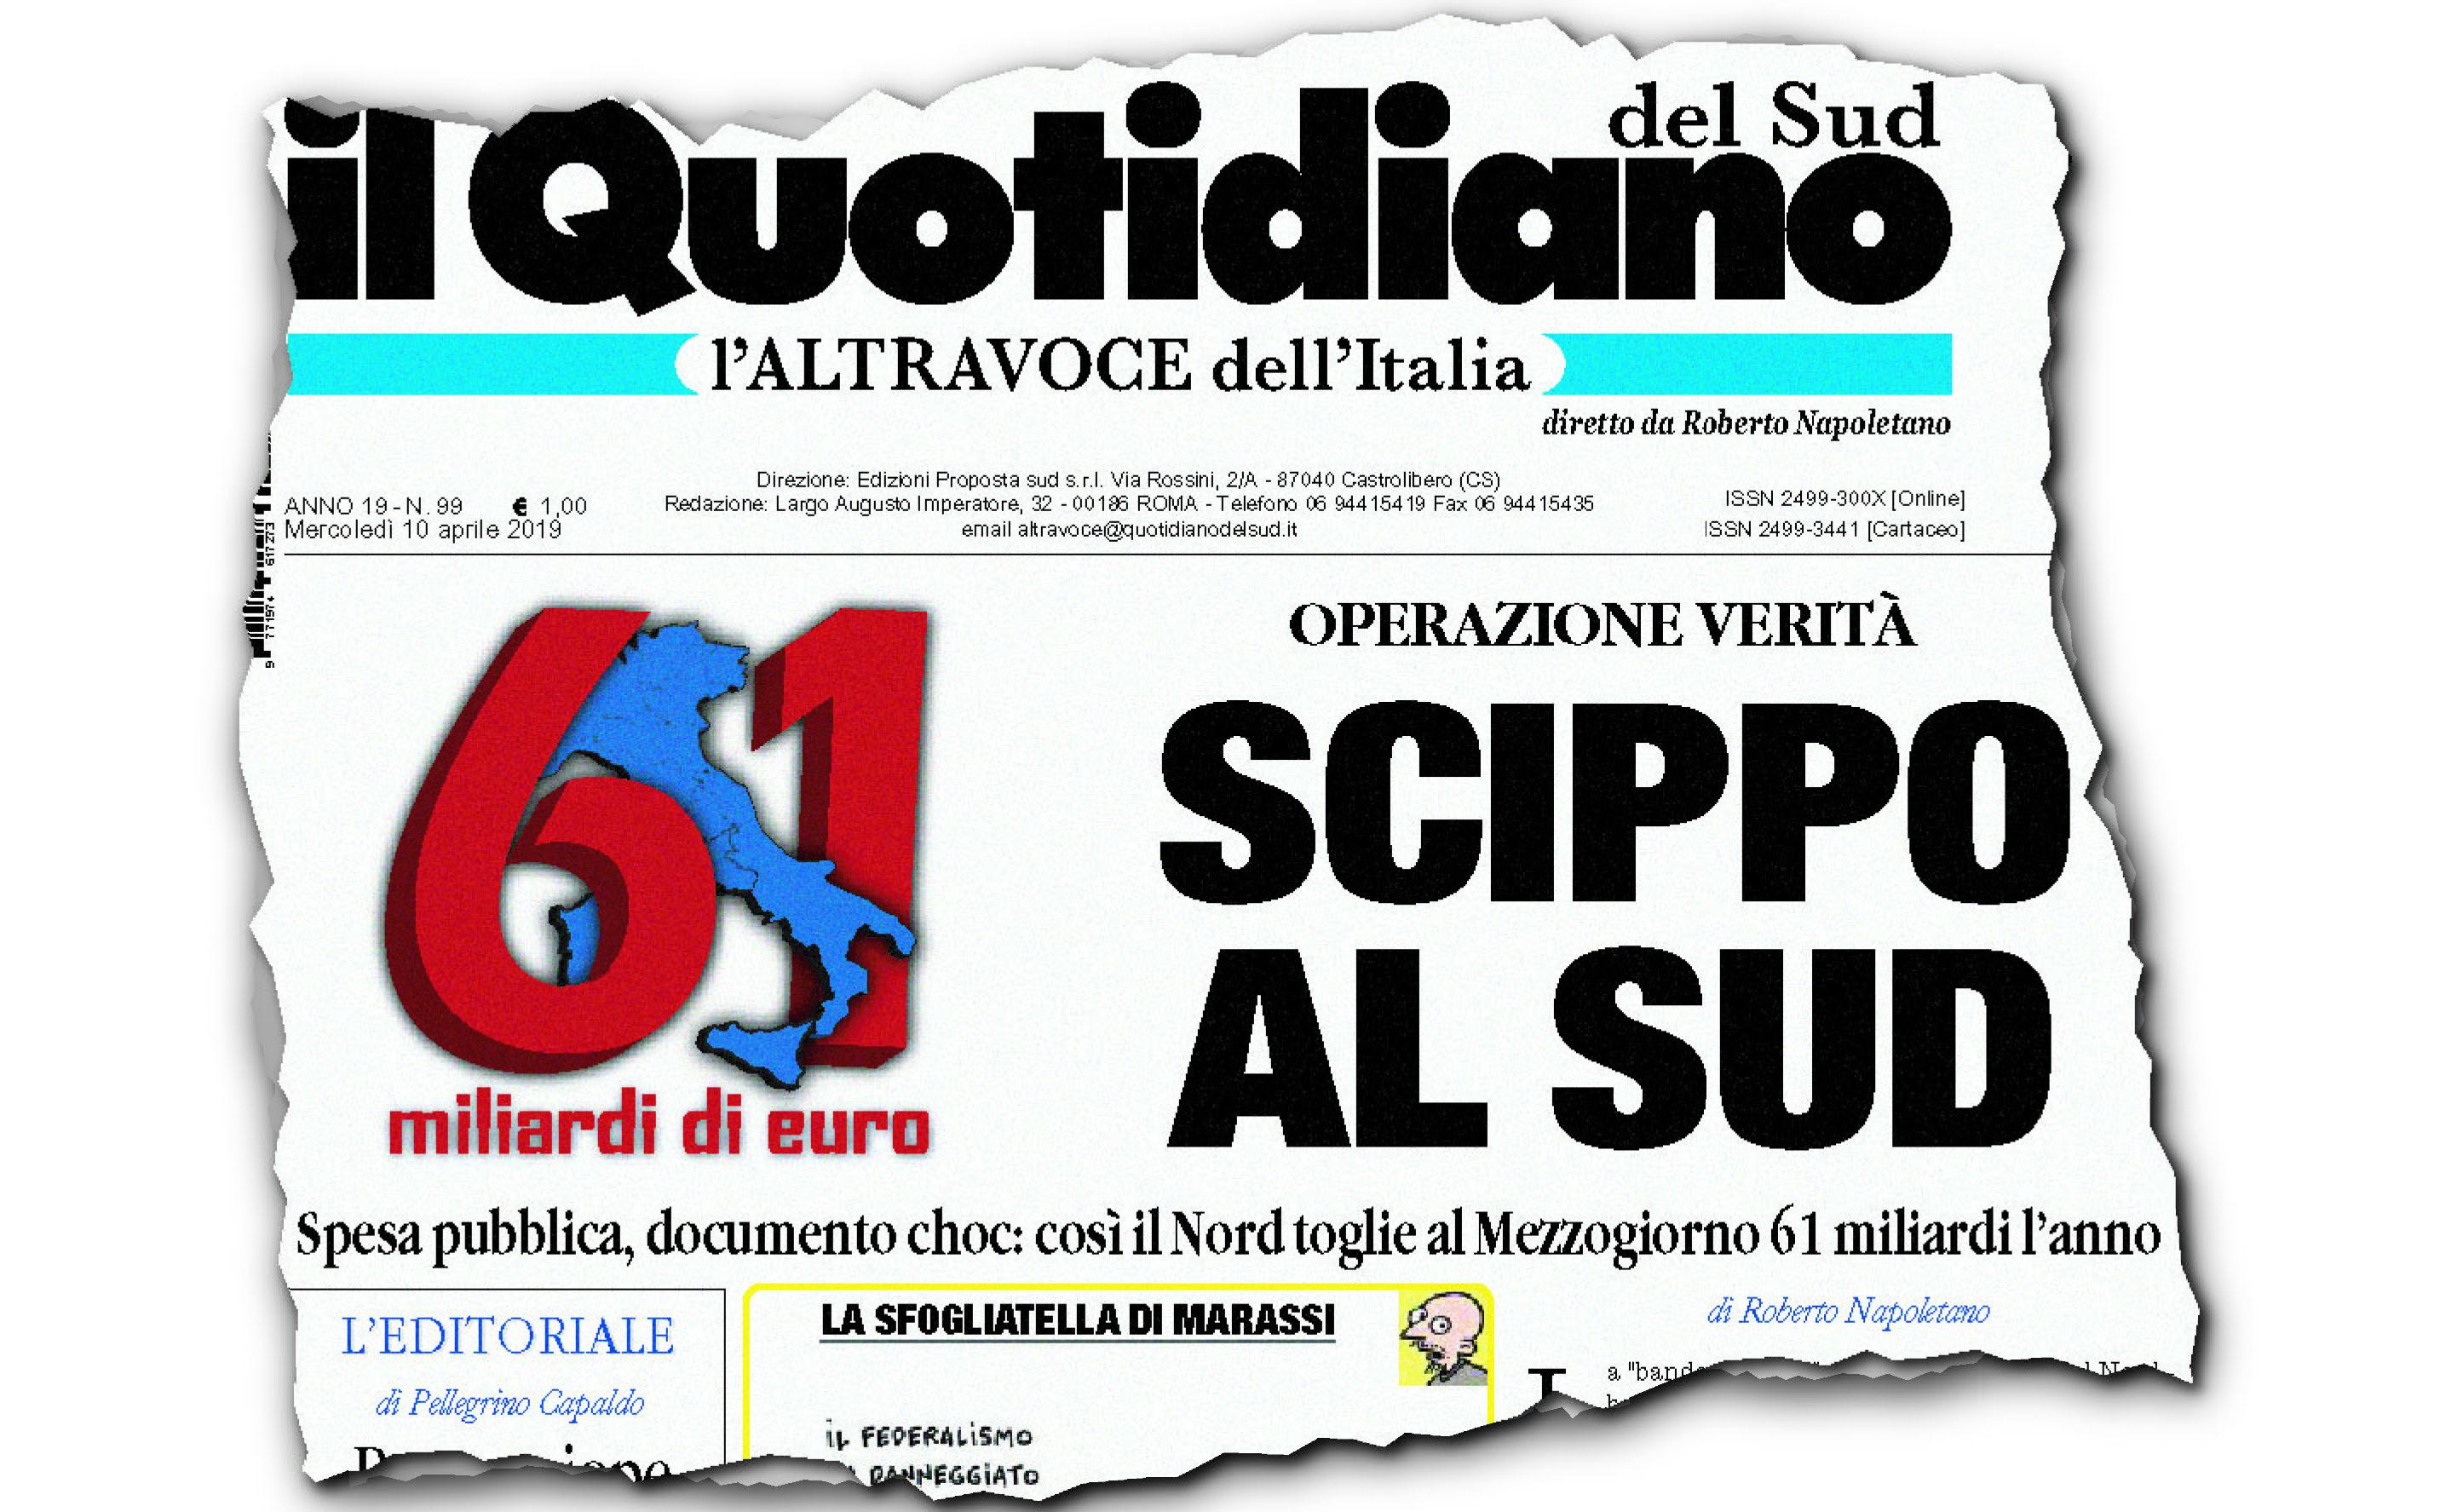 Operazione verità sulla vergogna italianaScippo al Sud,cominciamo ad essere in tanti